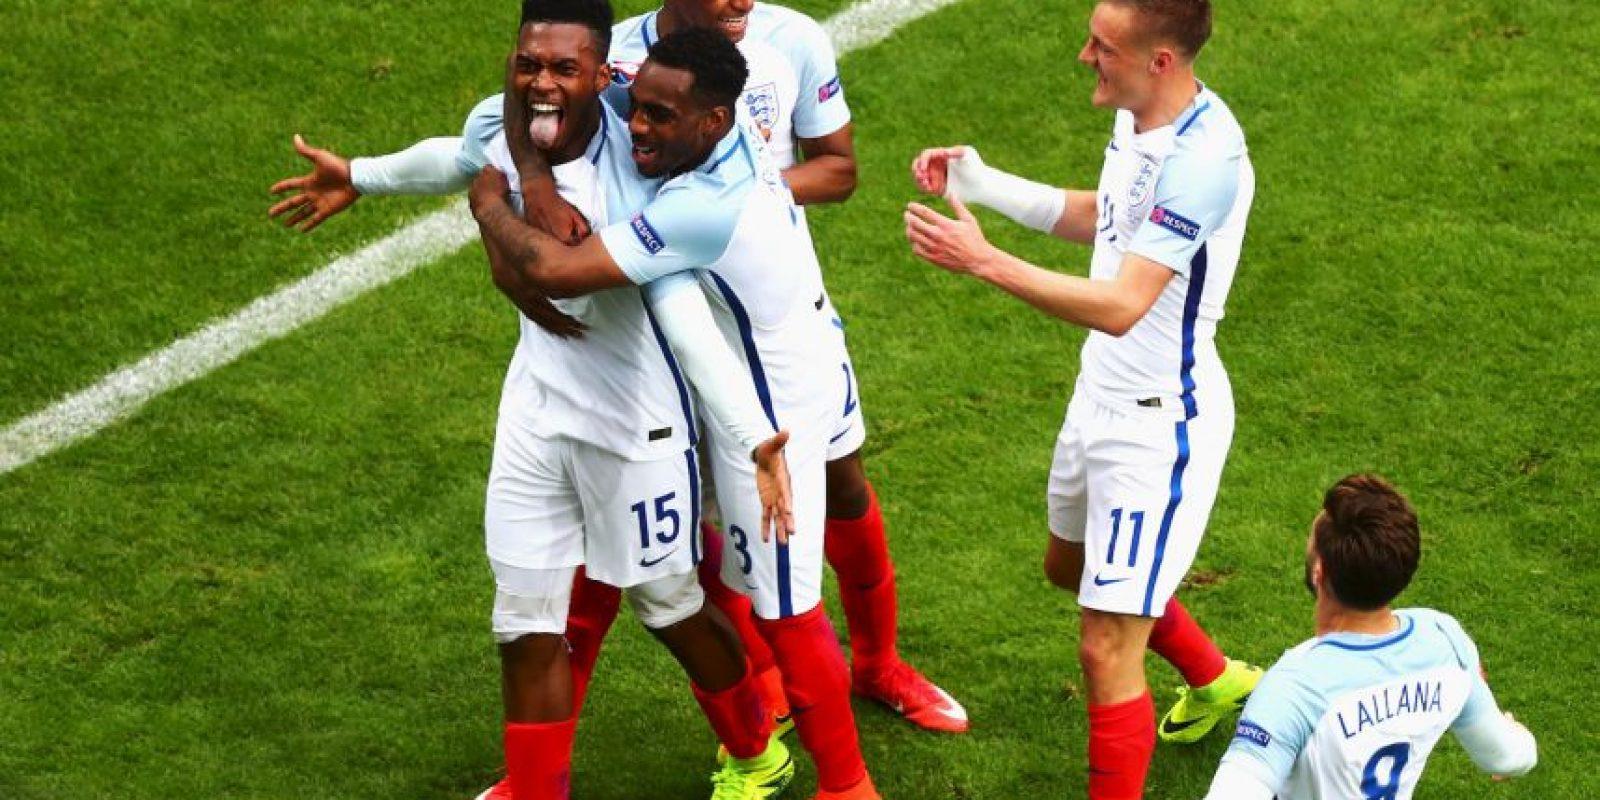 Los ingleses suman cuatro unidades y son líderes de su grupo, luego de vencer a Gales por 2 a 1 y empatar con Rusia en la primera fecha Foto:Getty Images